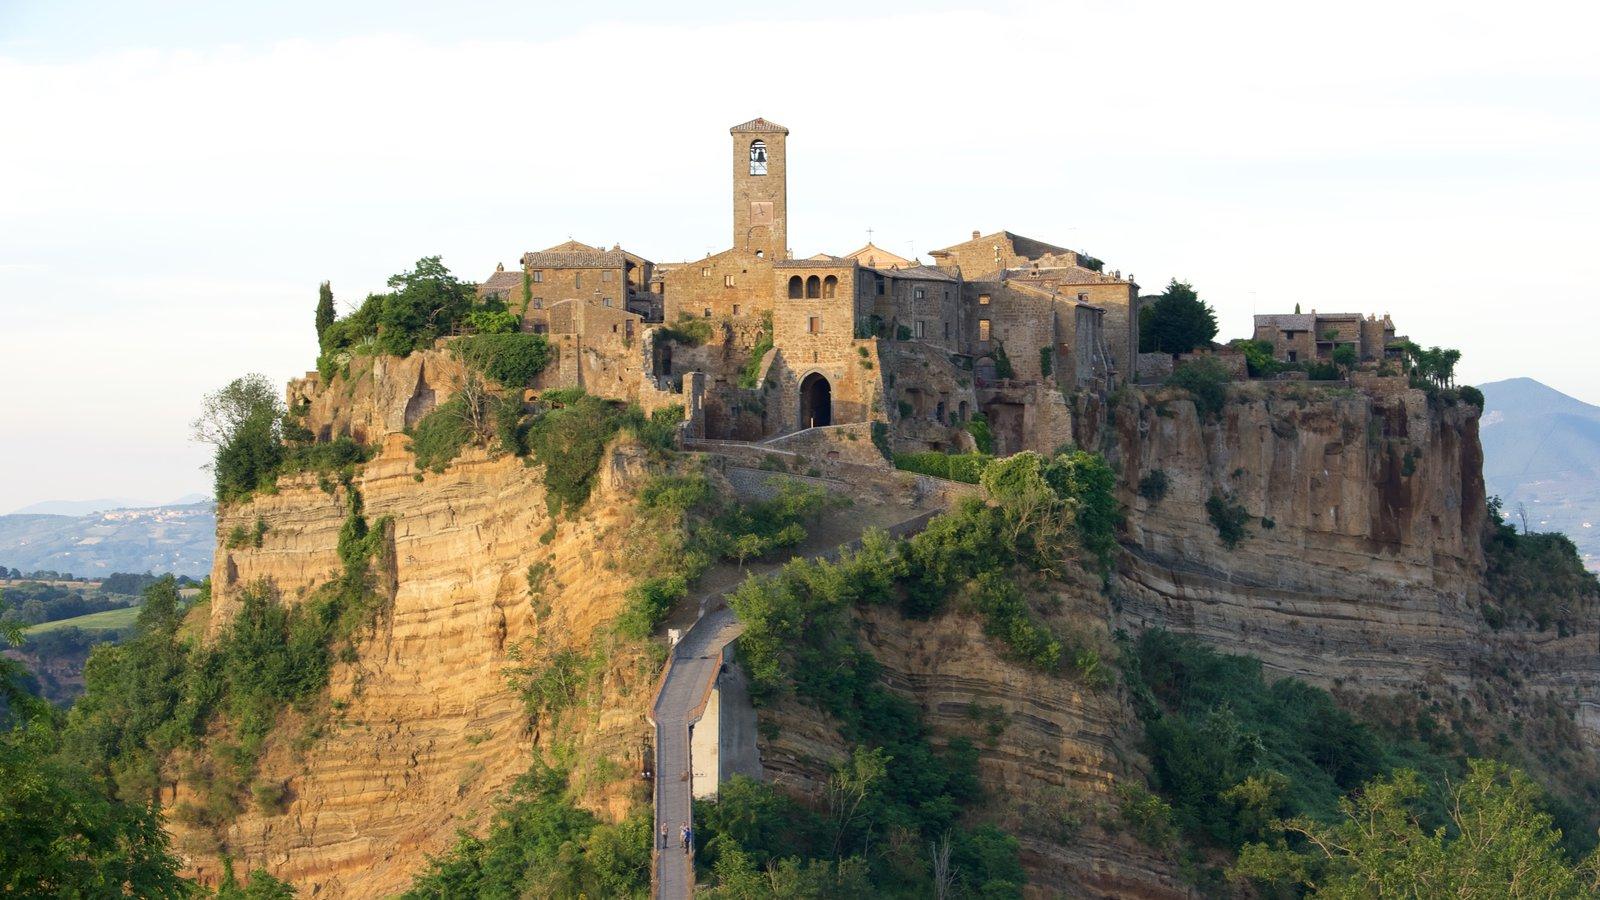 Bagnoregio que inclui um pequeno castelo ou palácio